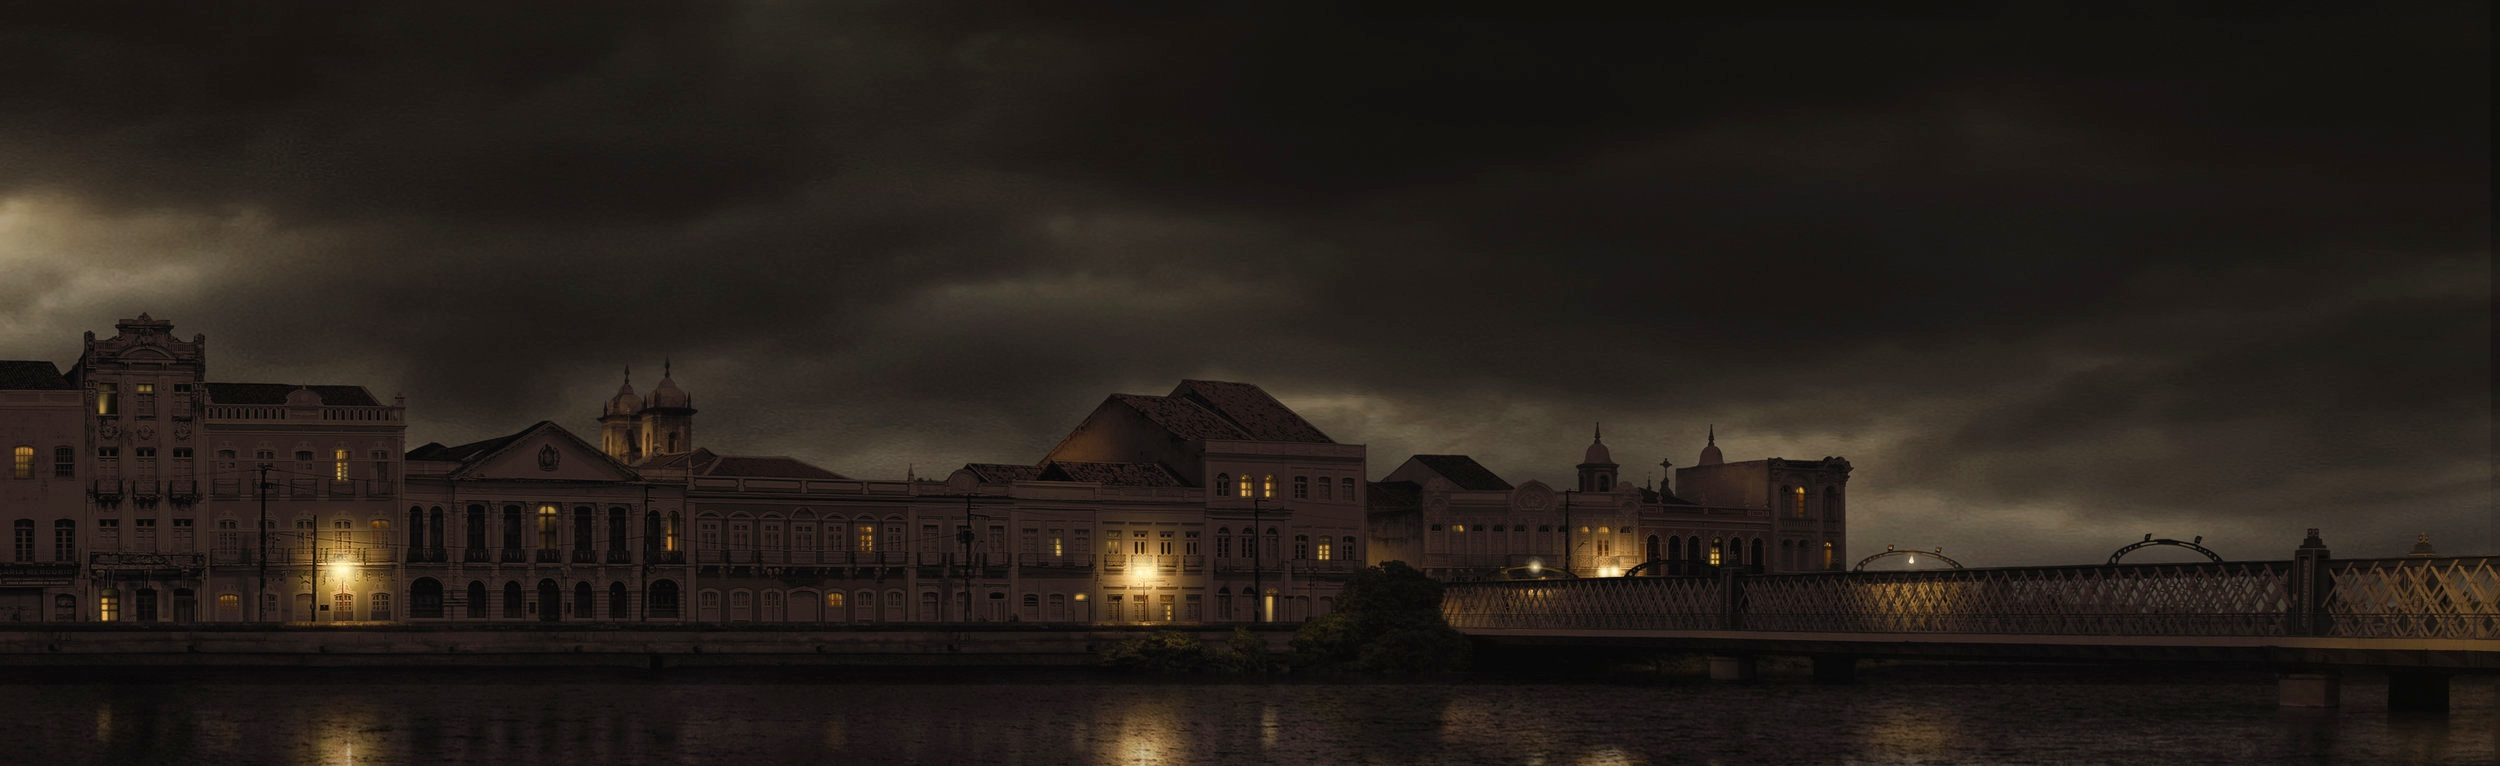 Panorama_noite_3.jpg